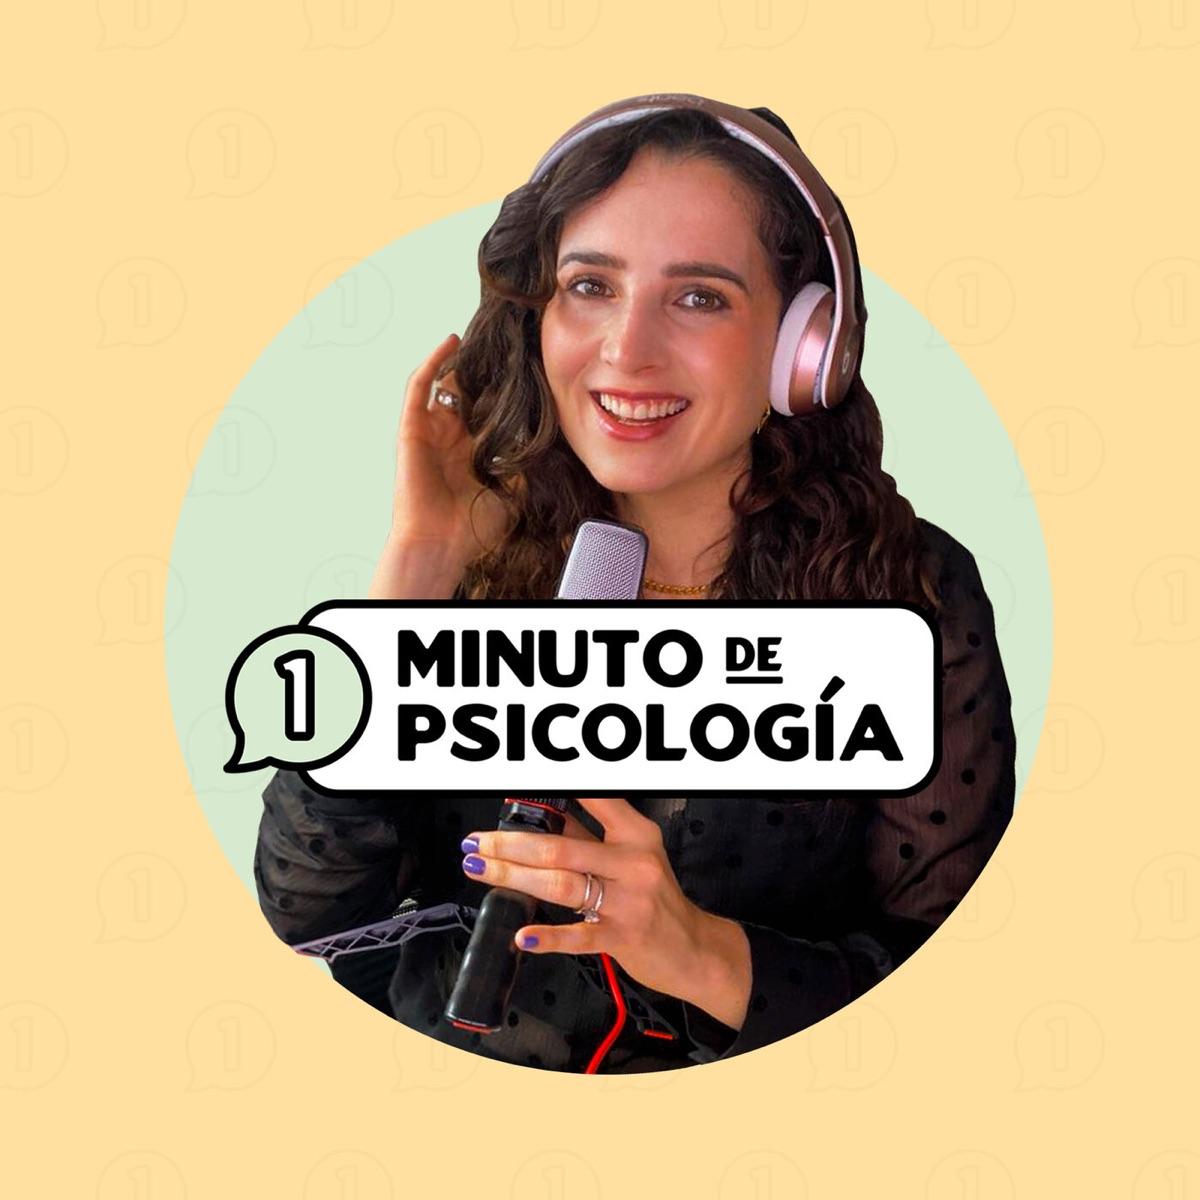 1 minuto de psicología